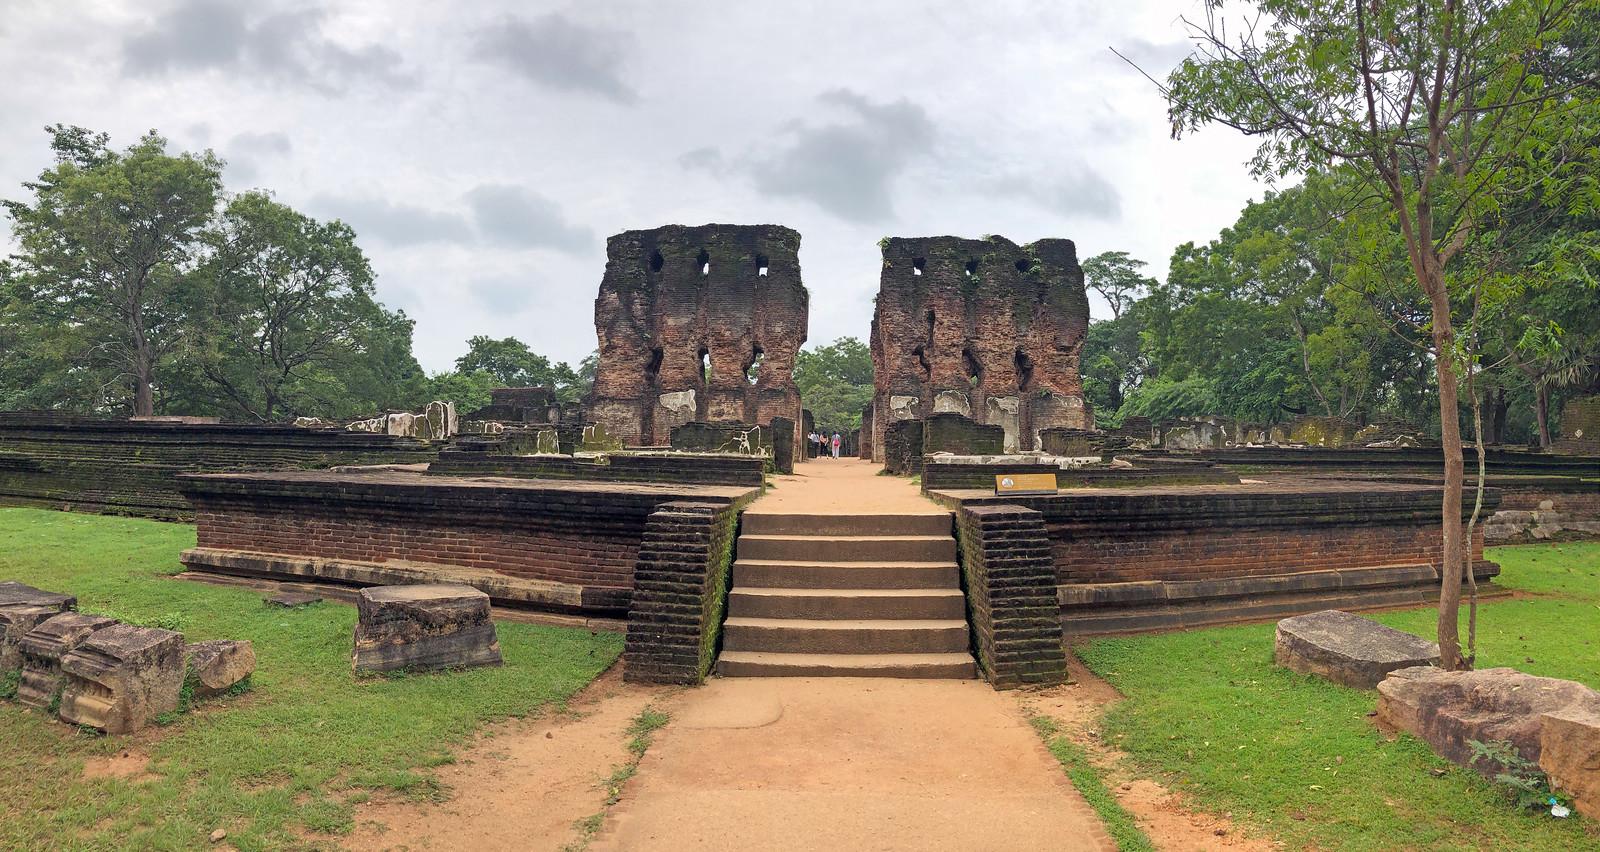 Visitar Polonnaruwa, la antigua capital de Sri Lanka visitar polonnaruwa - 39900915613 b9c32e05b9 h - Visitar Polonnaruwa, la antigua capital de Sri Lanka